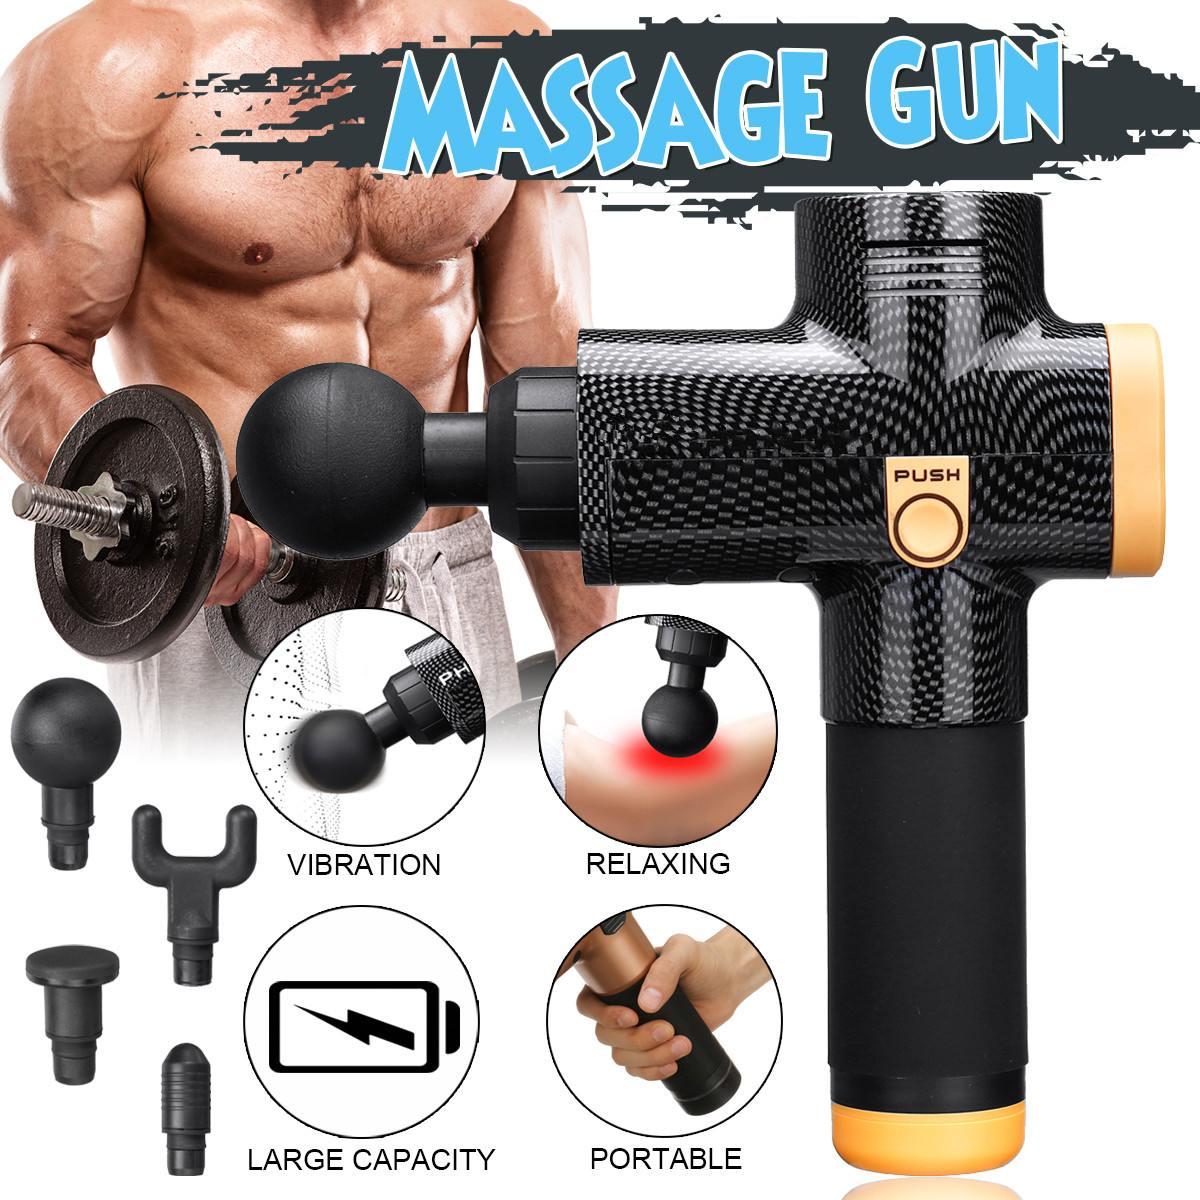 Massagem Corporal Terapêutica 3 Armas Arquivos 24 V Brushless eletrônico LED Massagem Corpo Relaxando Os Músculos Dores de Alívio Com 4 Armas cabeças